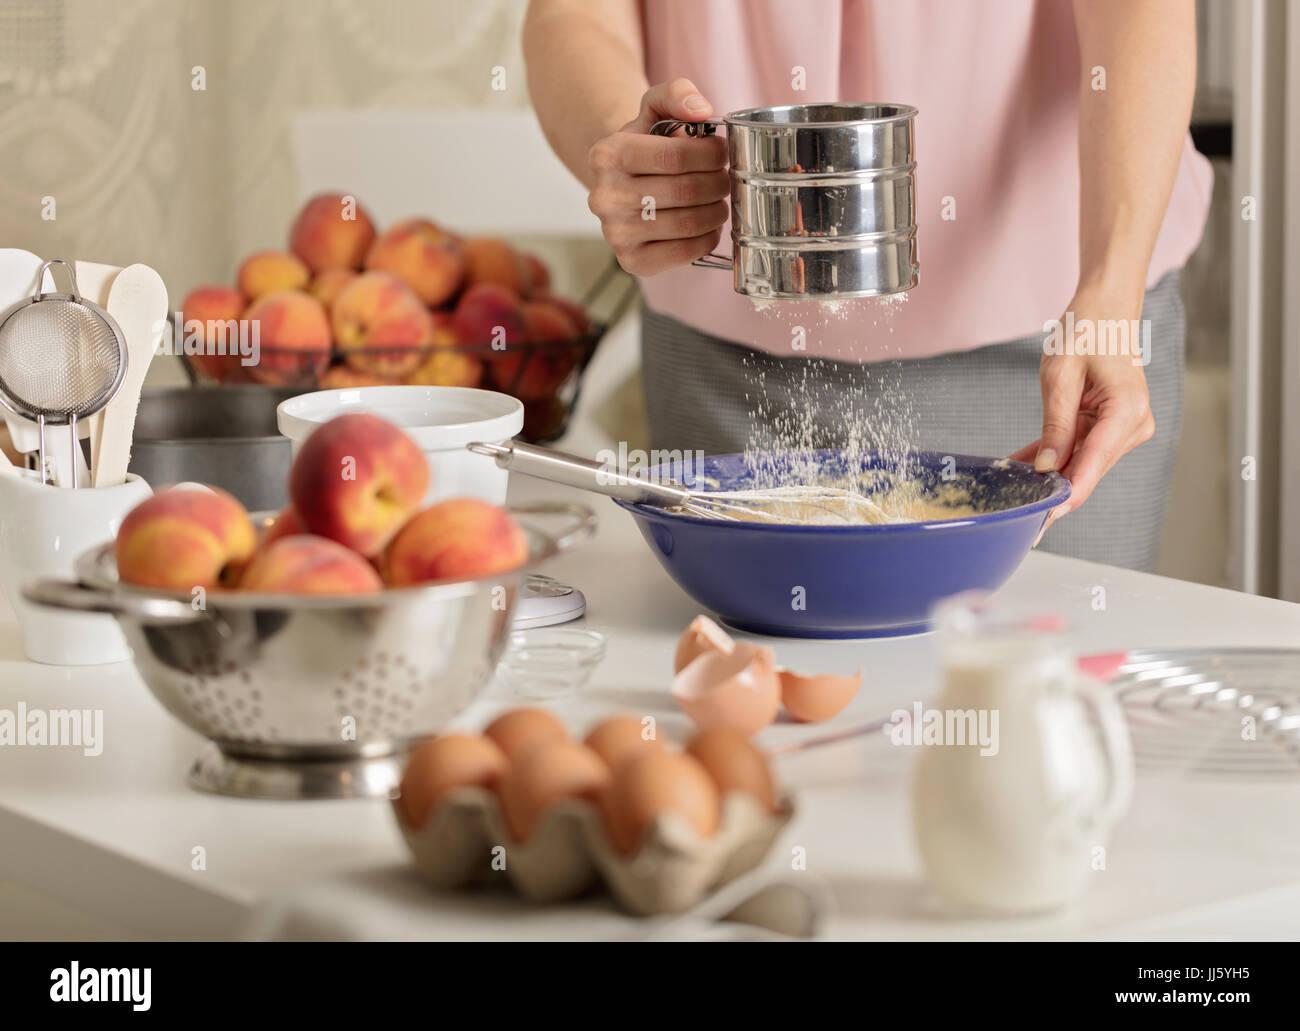 Vorbereitung Der Hausgemachte Pfirsich Torte. Zubehör Für Die Küche Und  Produkte. Weibliche Hände Im Rahmen. Selektiven Fokus.